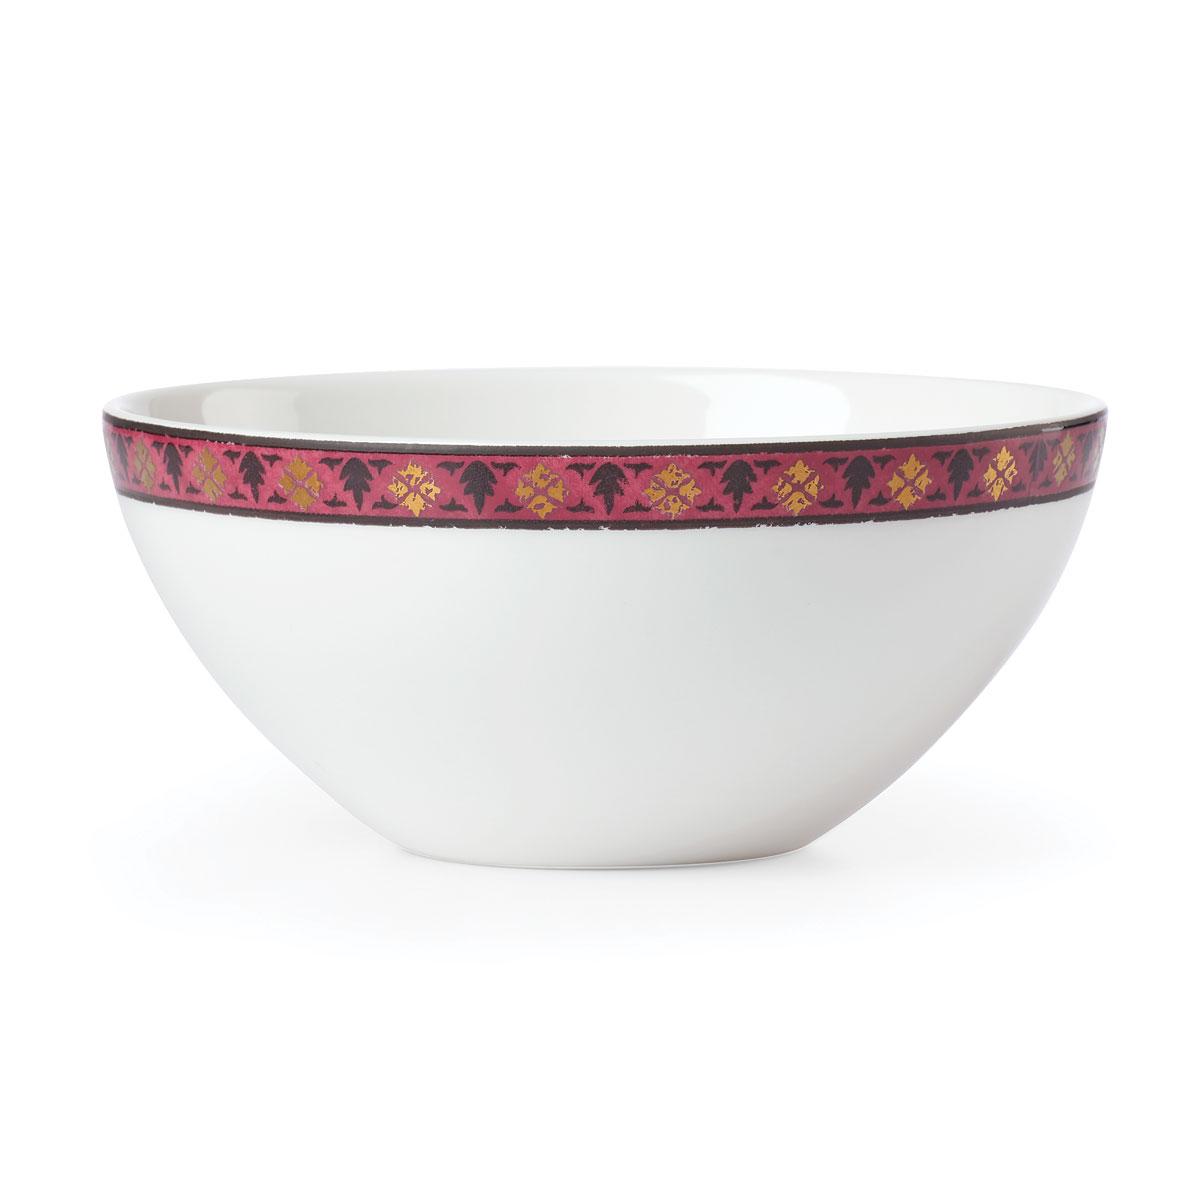 Lenox Global Tapestry Garnet Mandala Dinnerware Dip Bowl